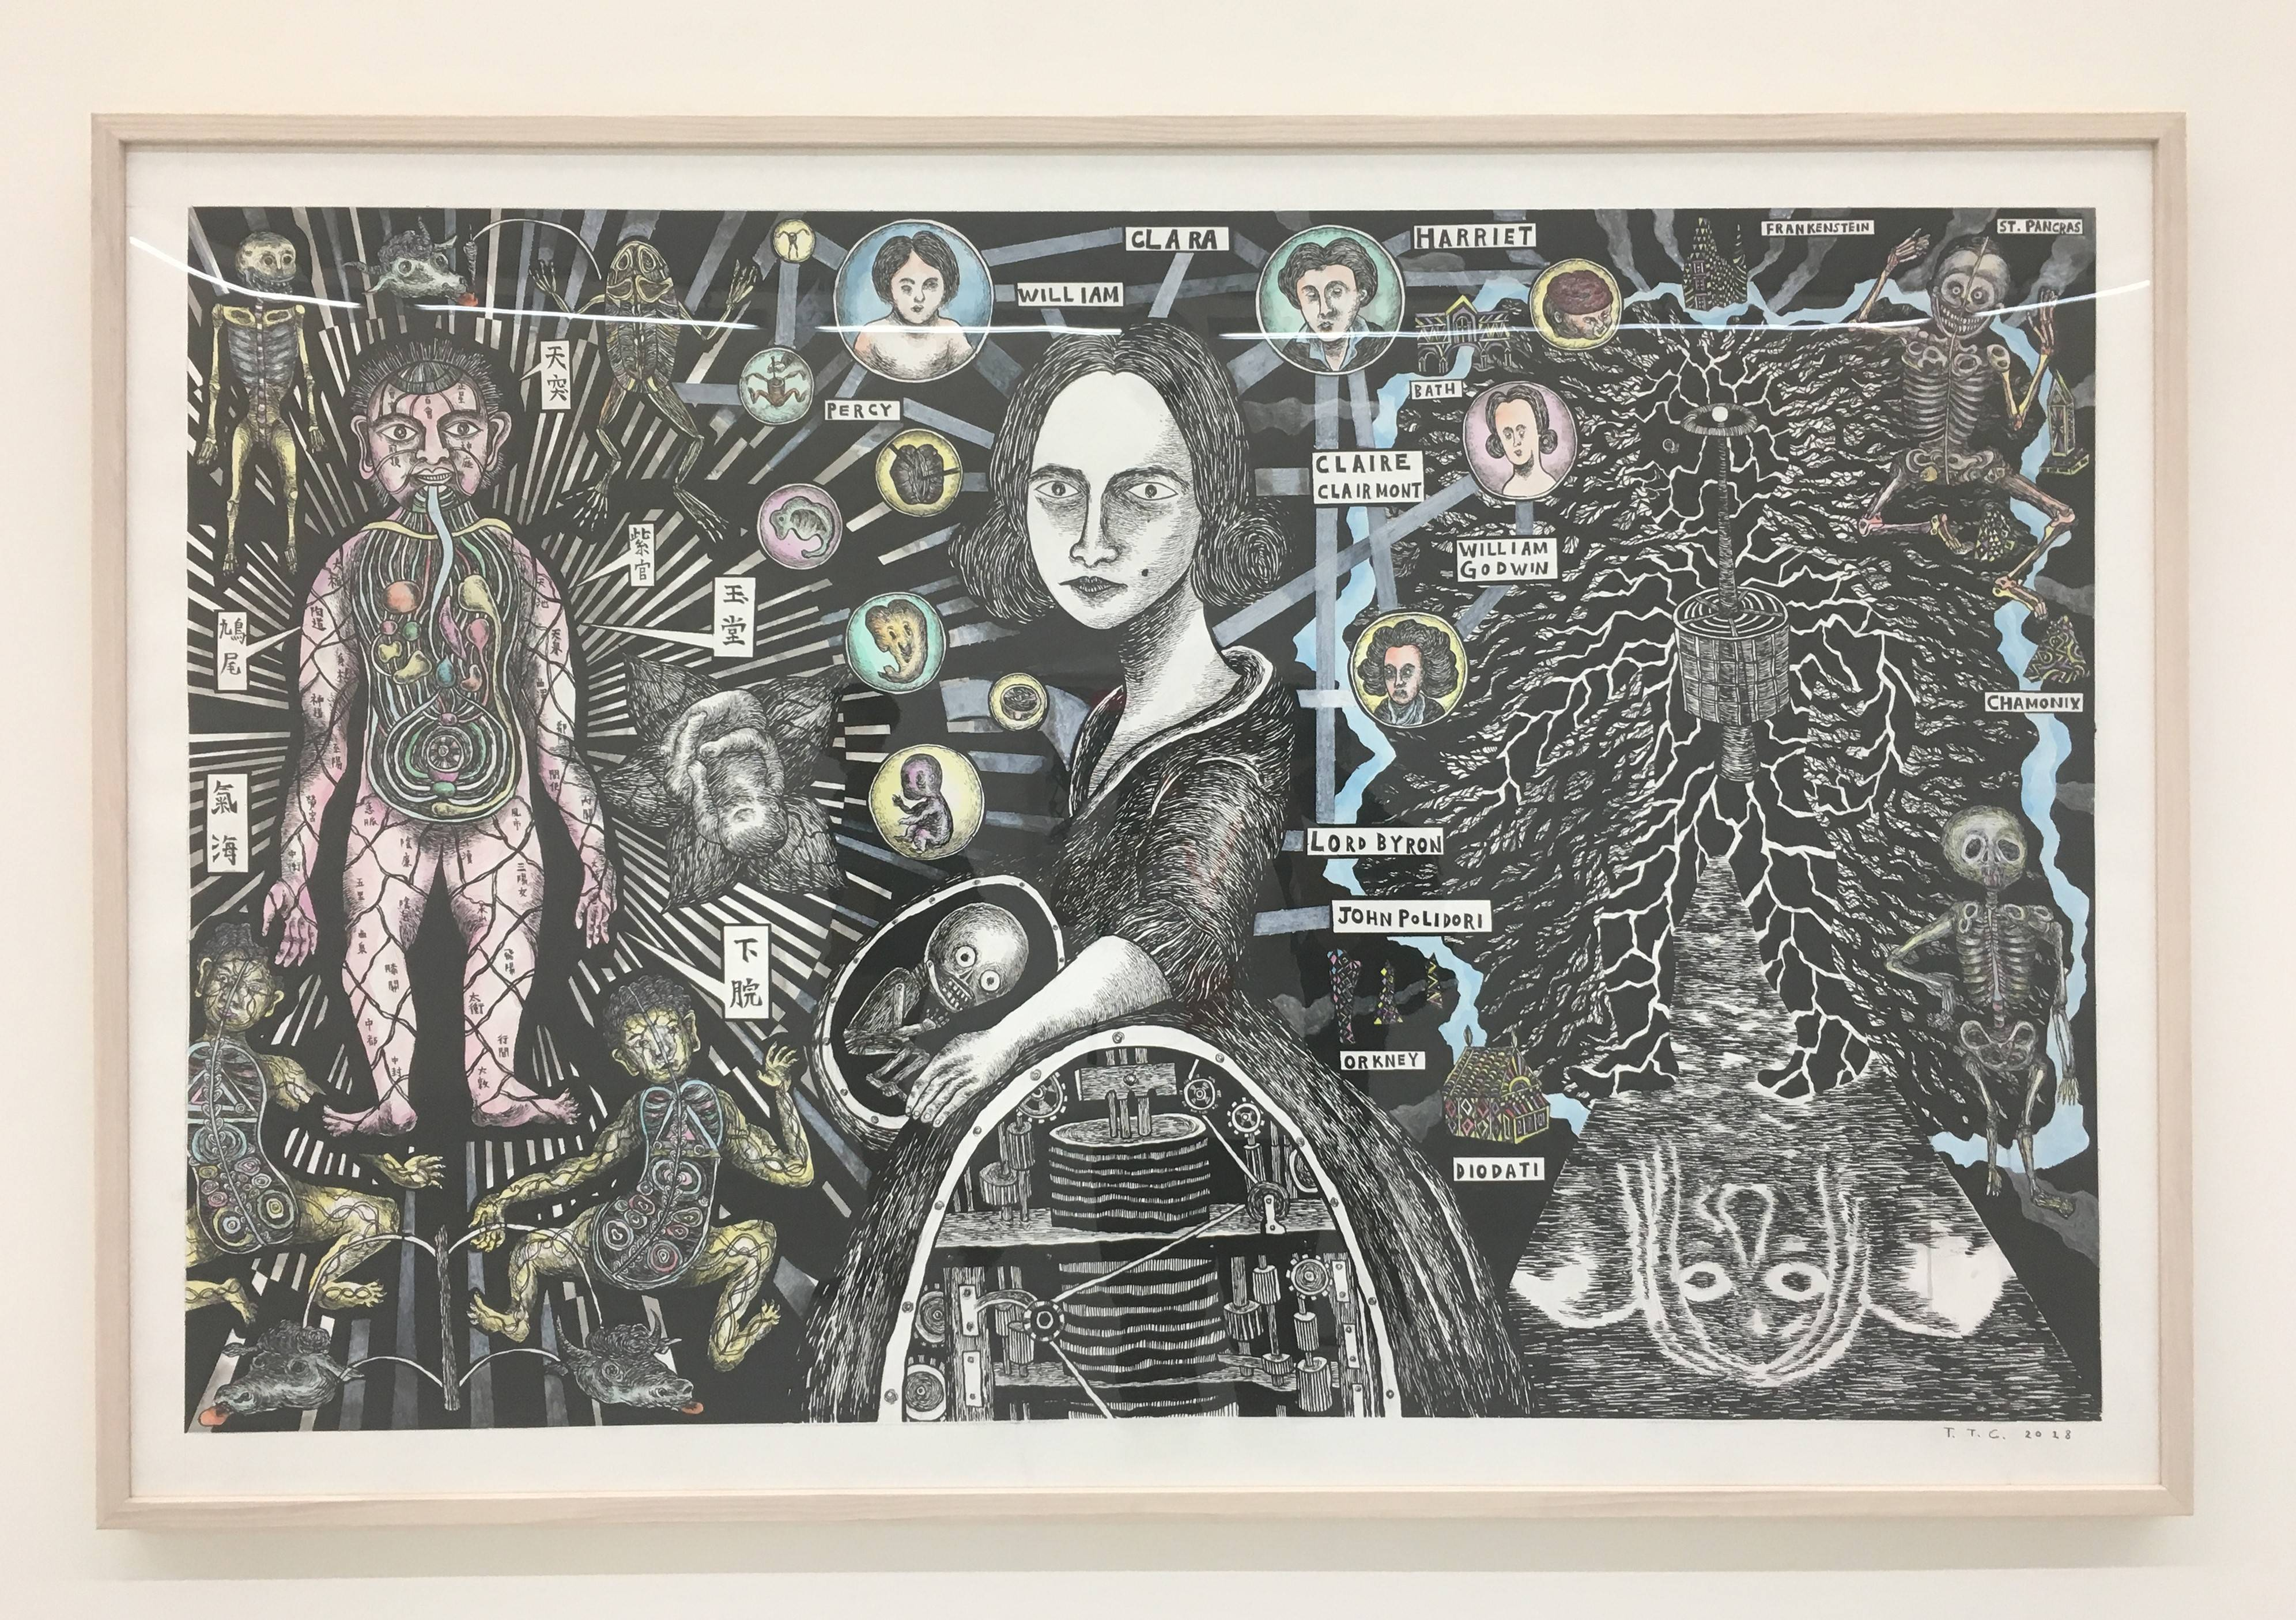 【Kosmos】張碩尹個展 張碩尹,《瑪莉雪萊的科學怪人:或,現代普羅米修斯1818》, 墨、水彩、壓克力、手工紙本,100x150cm,2018。